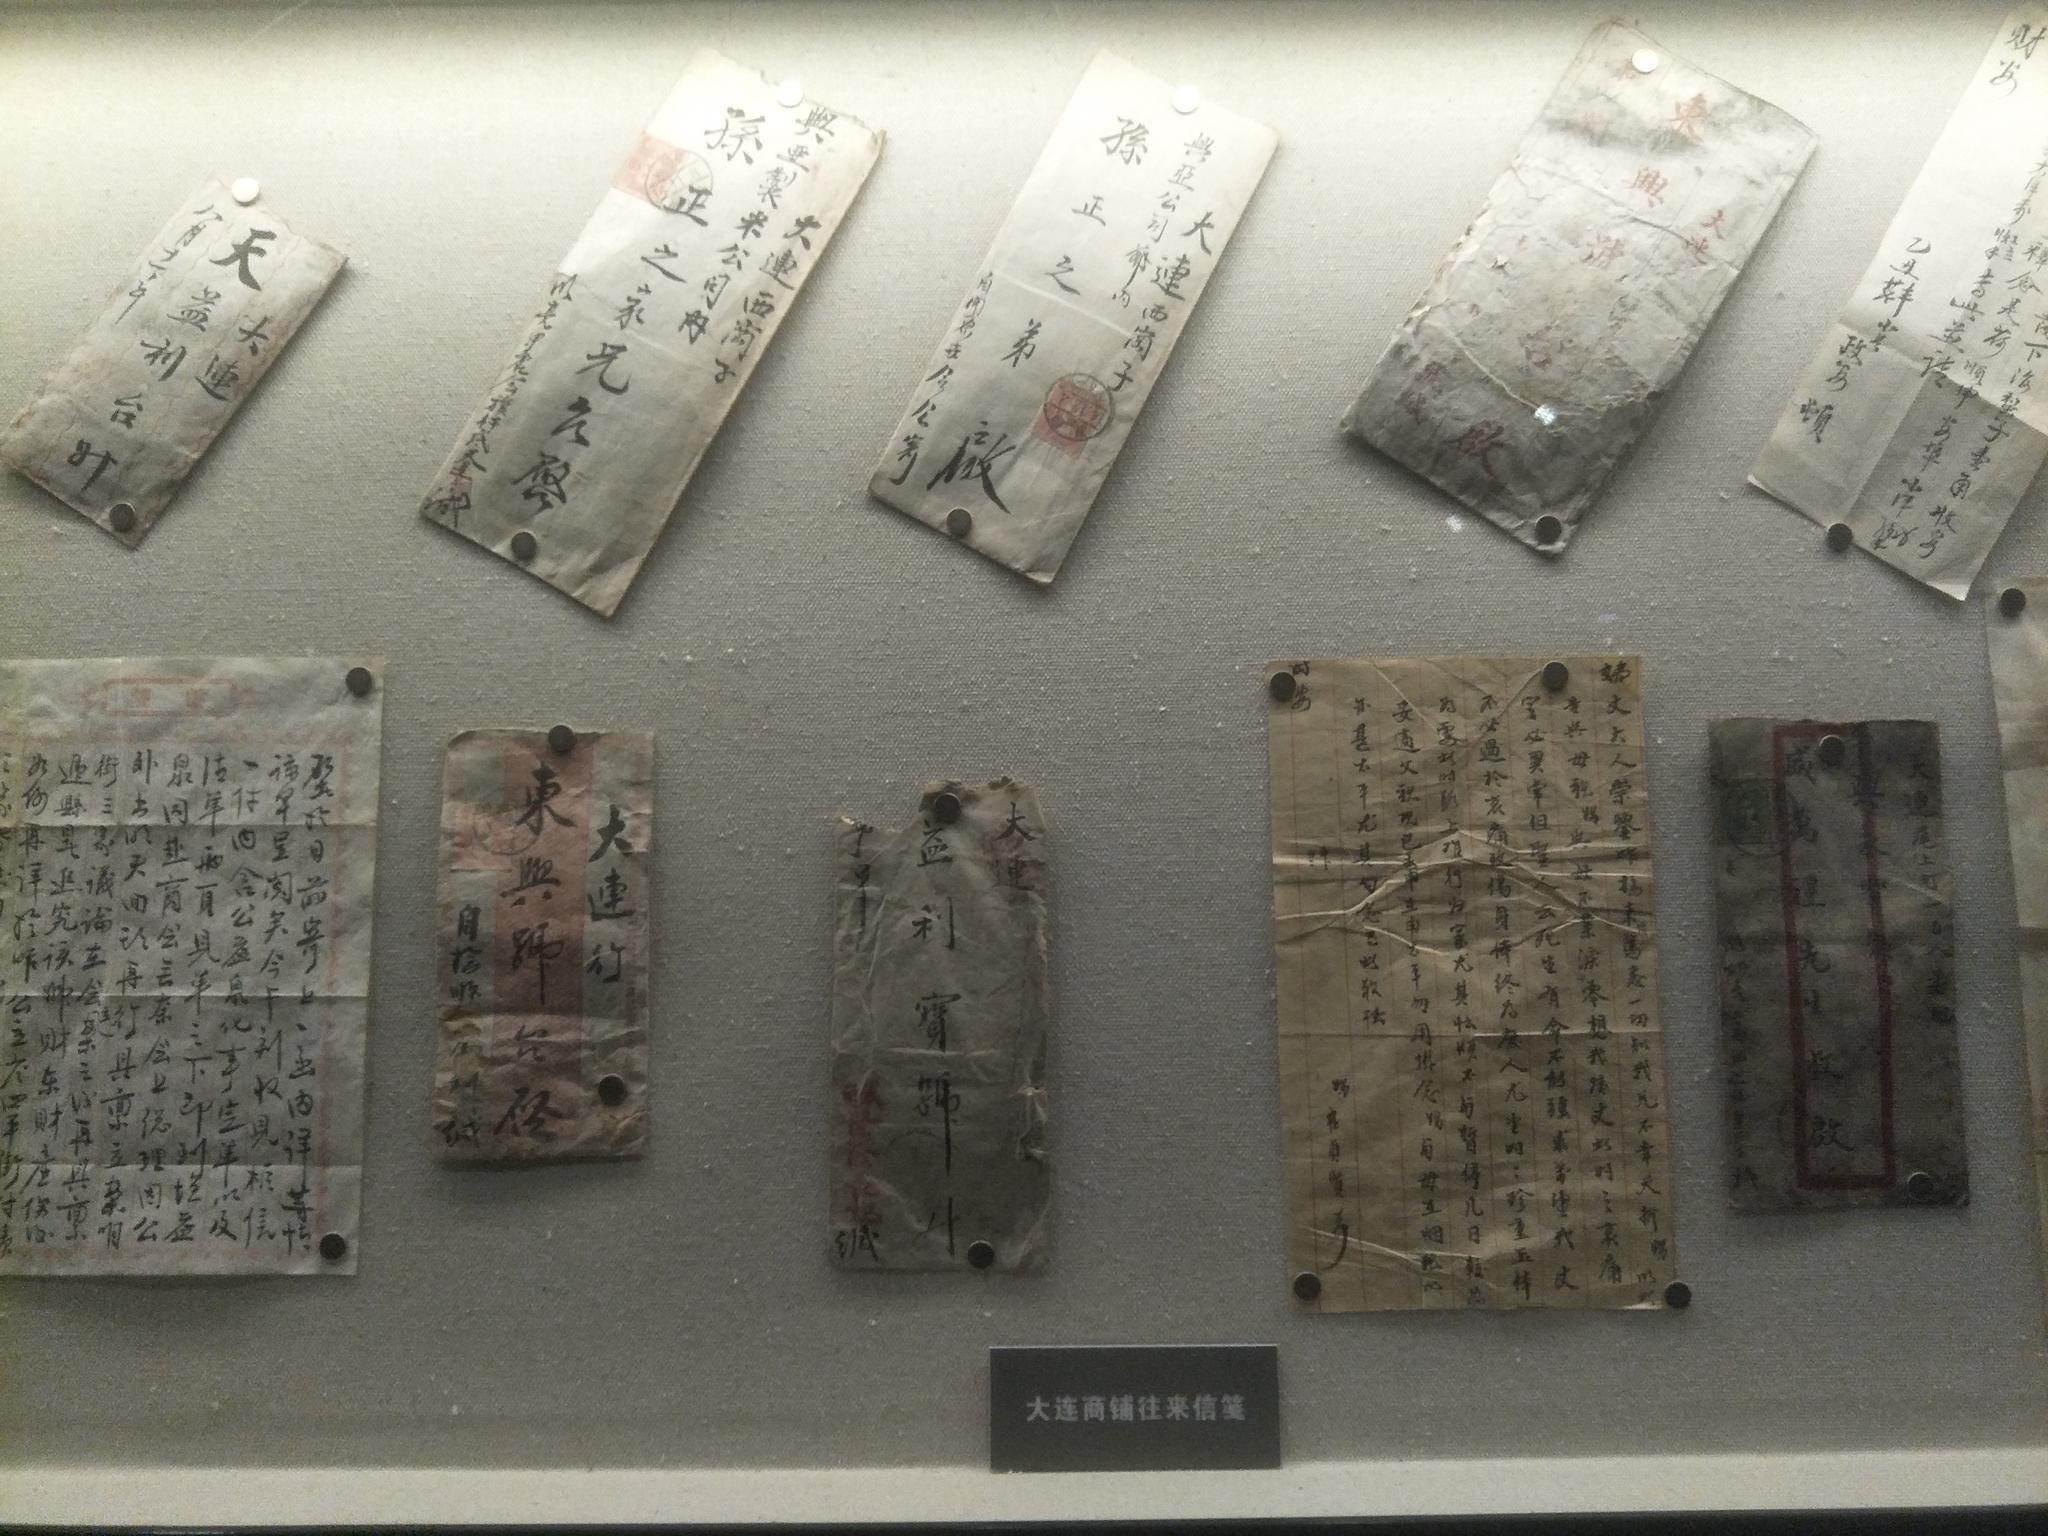 大连博物馆中收藏的商铺往来信件等